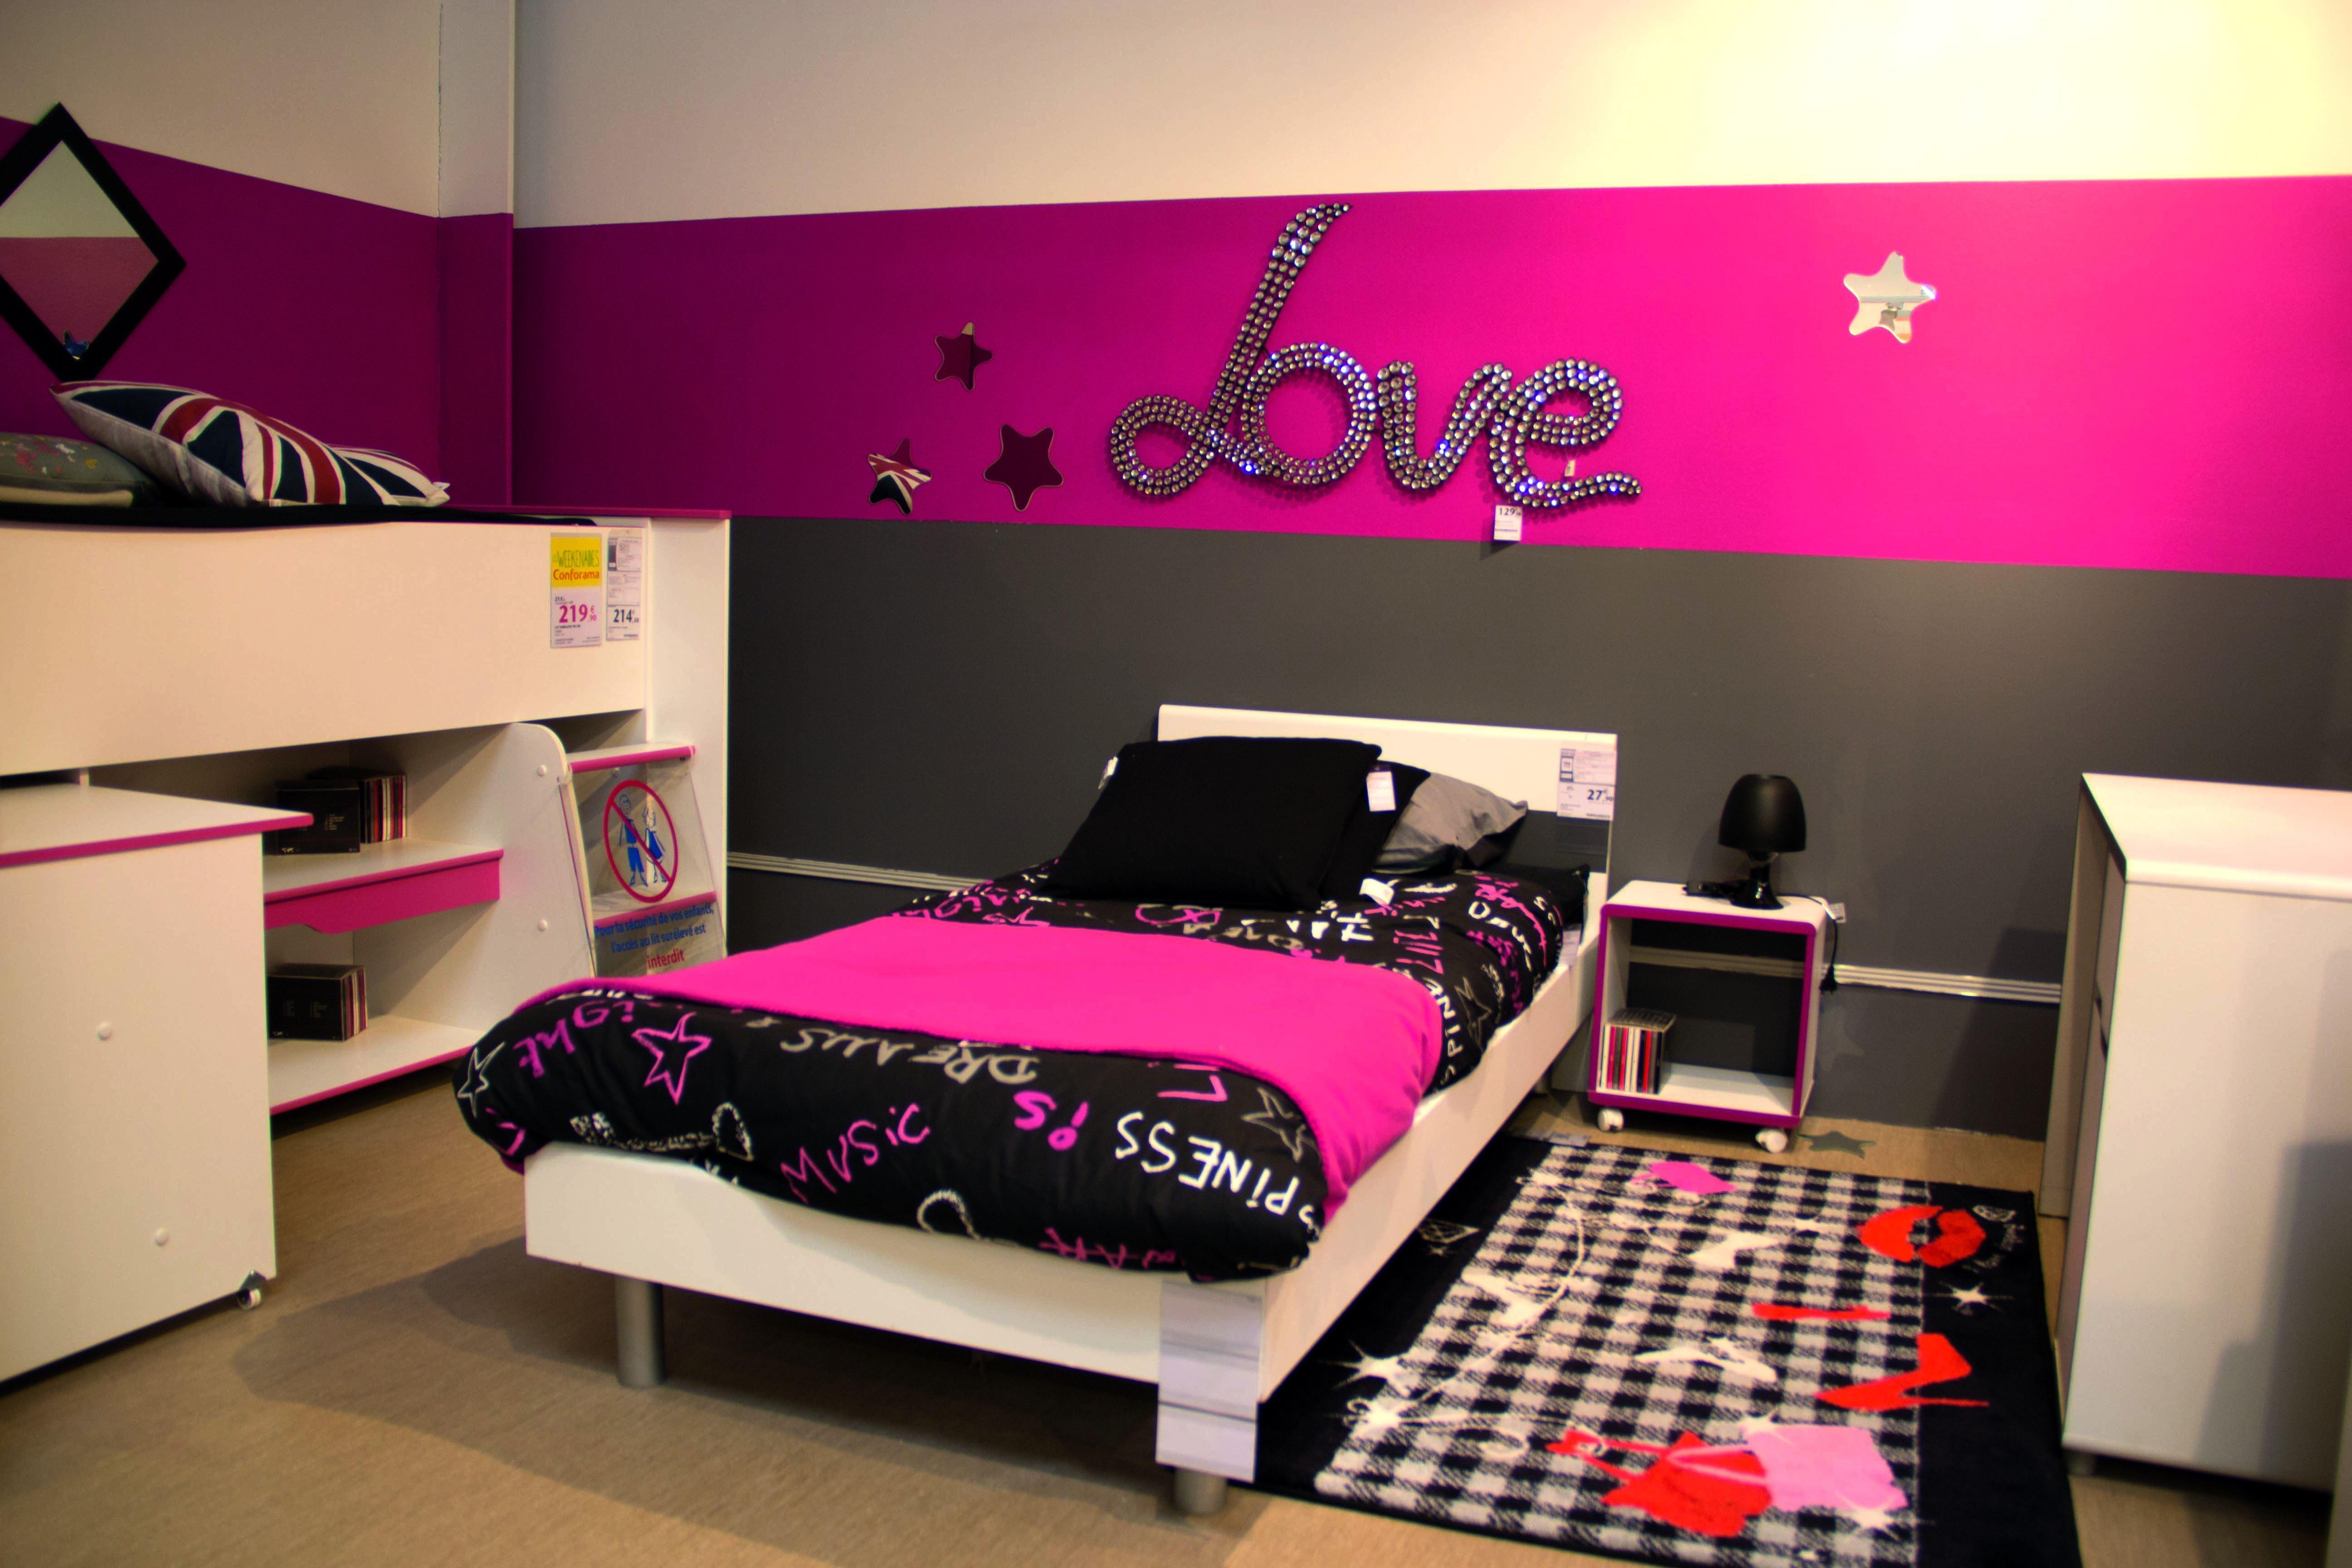 Lit Enfant Scandinave Le Luxe Conforama Chambre Plete Luxe Chaise Scandinave Conforama Frais